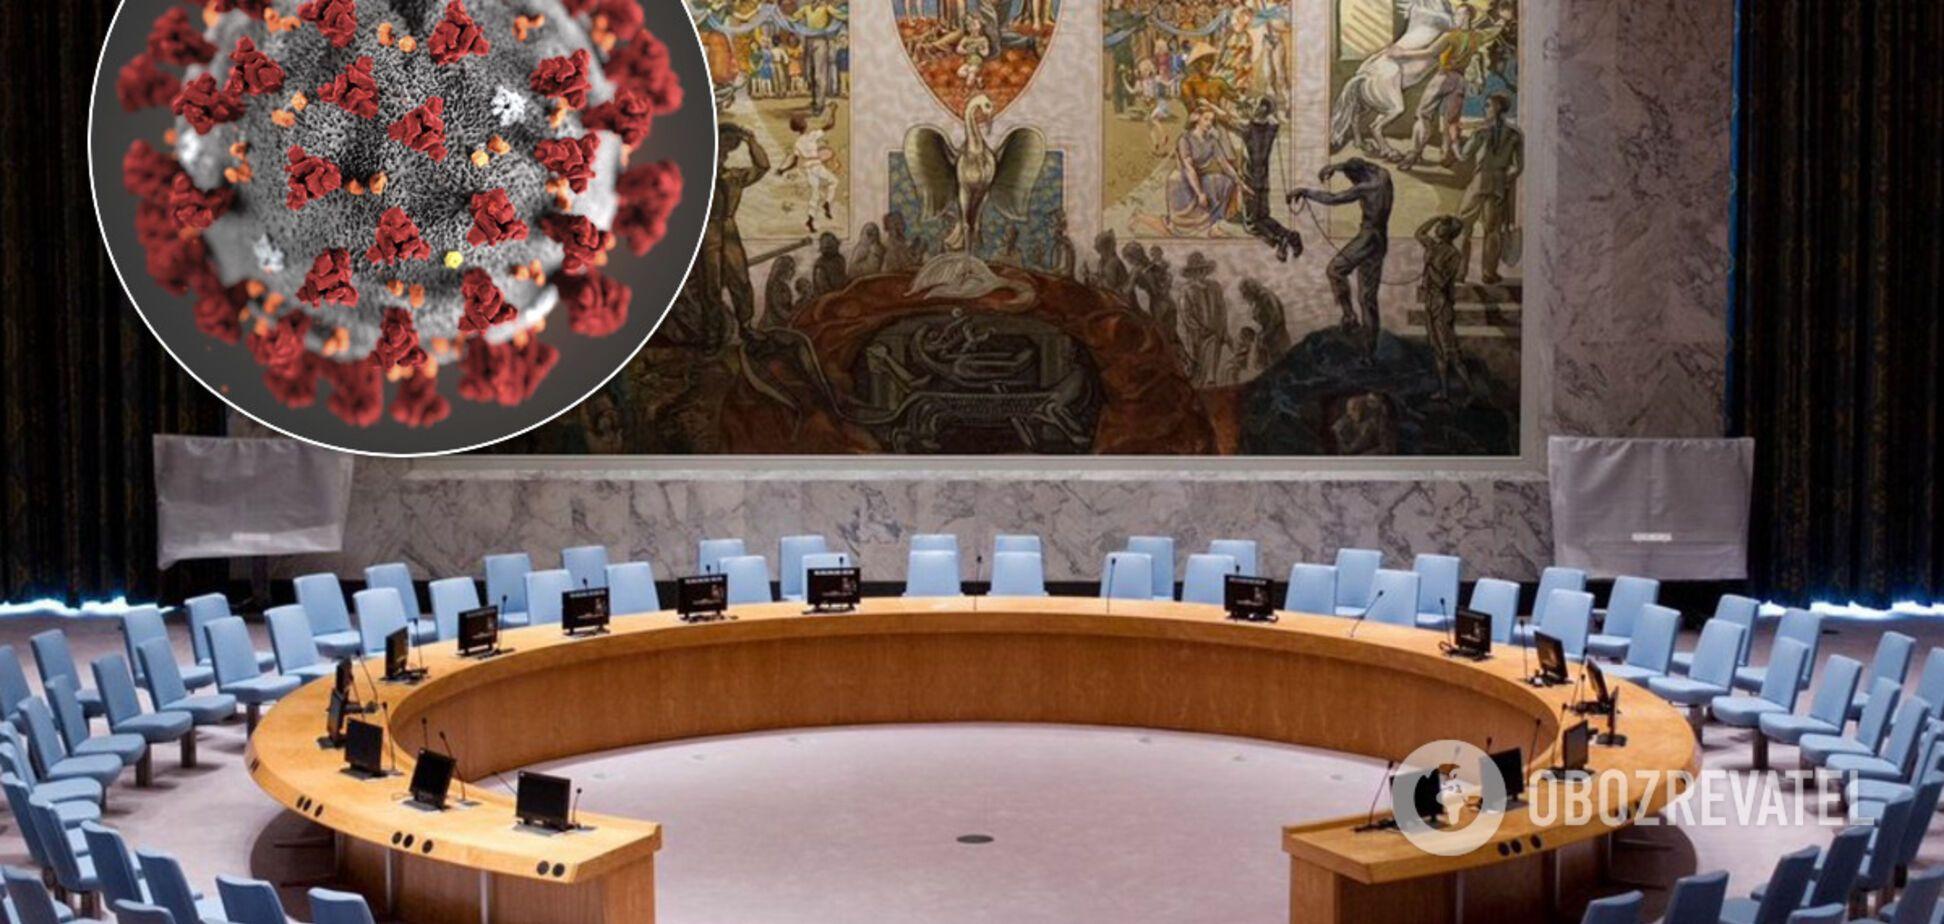 Радбез ООН через пандемію ухвалила резолюцію щодо припинення вогню: Росія повинна скласти зброю